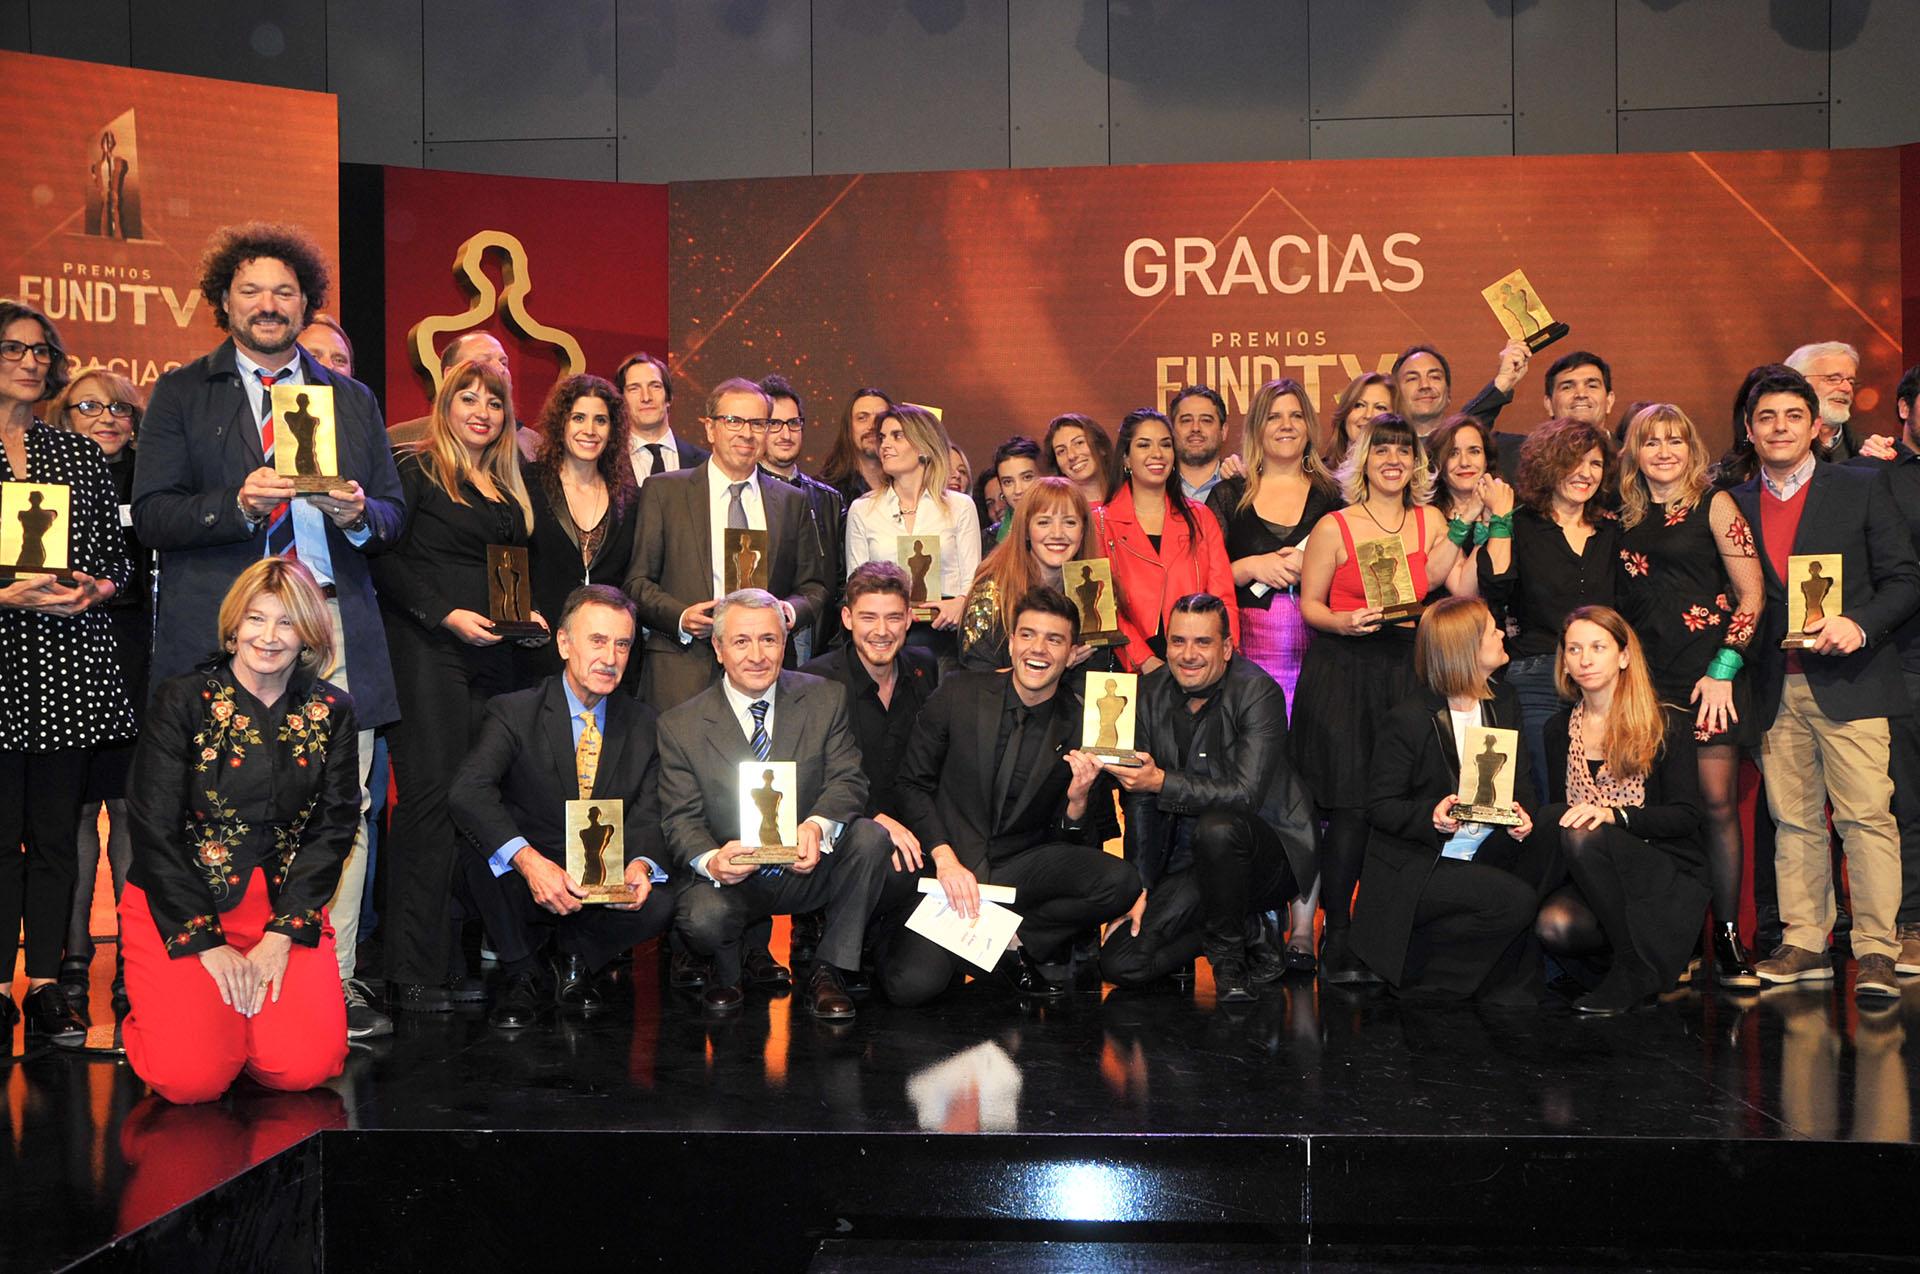 Los ganadores de los premios Fund TV (Teleshow)